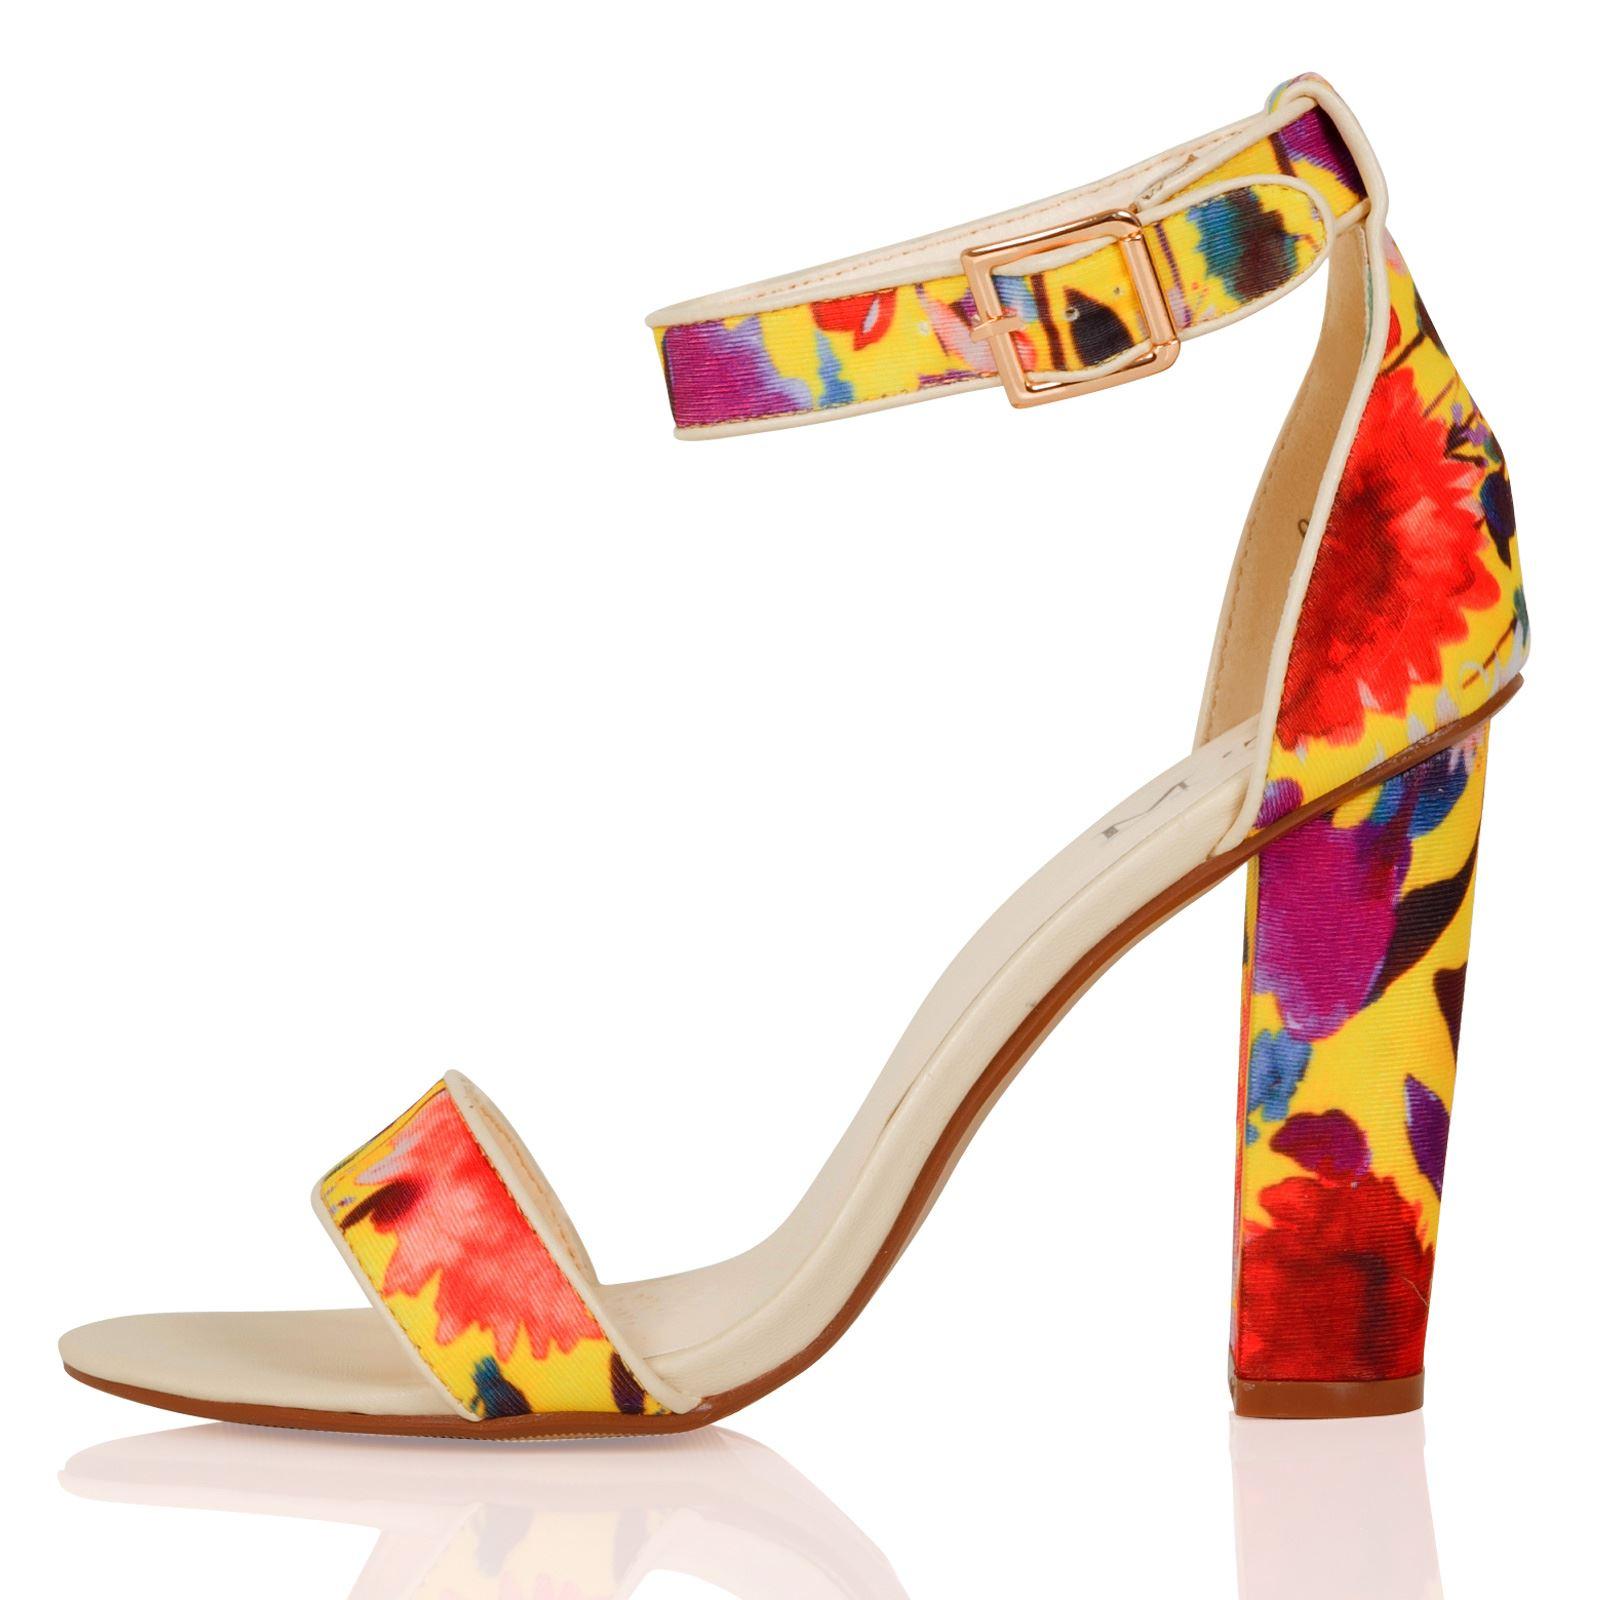 Mujer-Zapatos-De-Tacon-Bloque-Grueso-Zapatos-Damas-Mary-Jane-Mediados-de-Alto-Hebilla-Verano-Nuevo